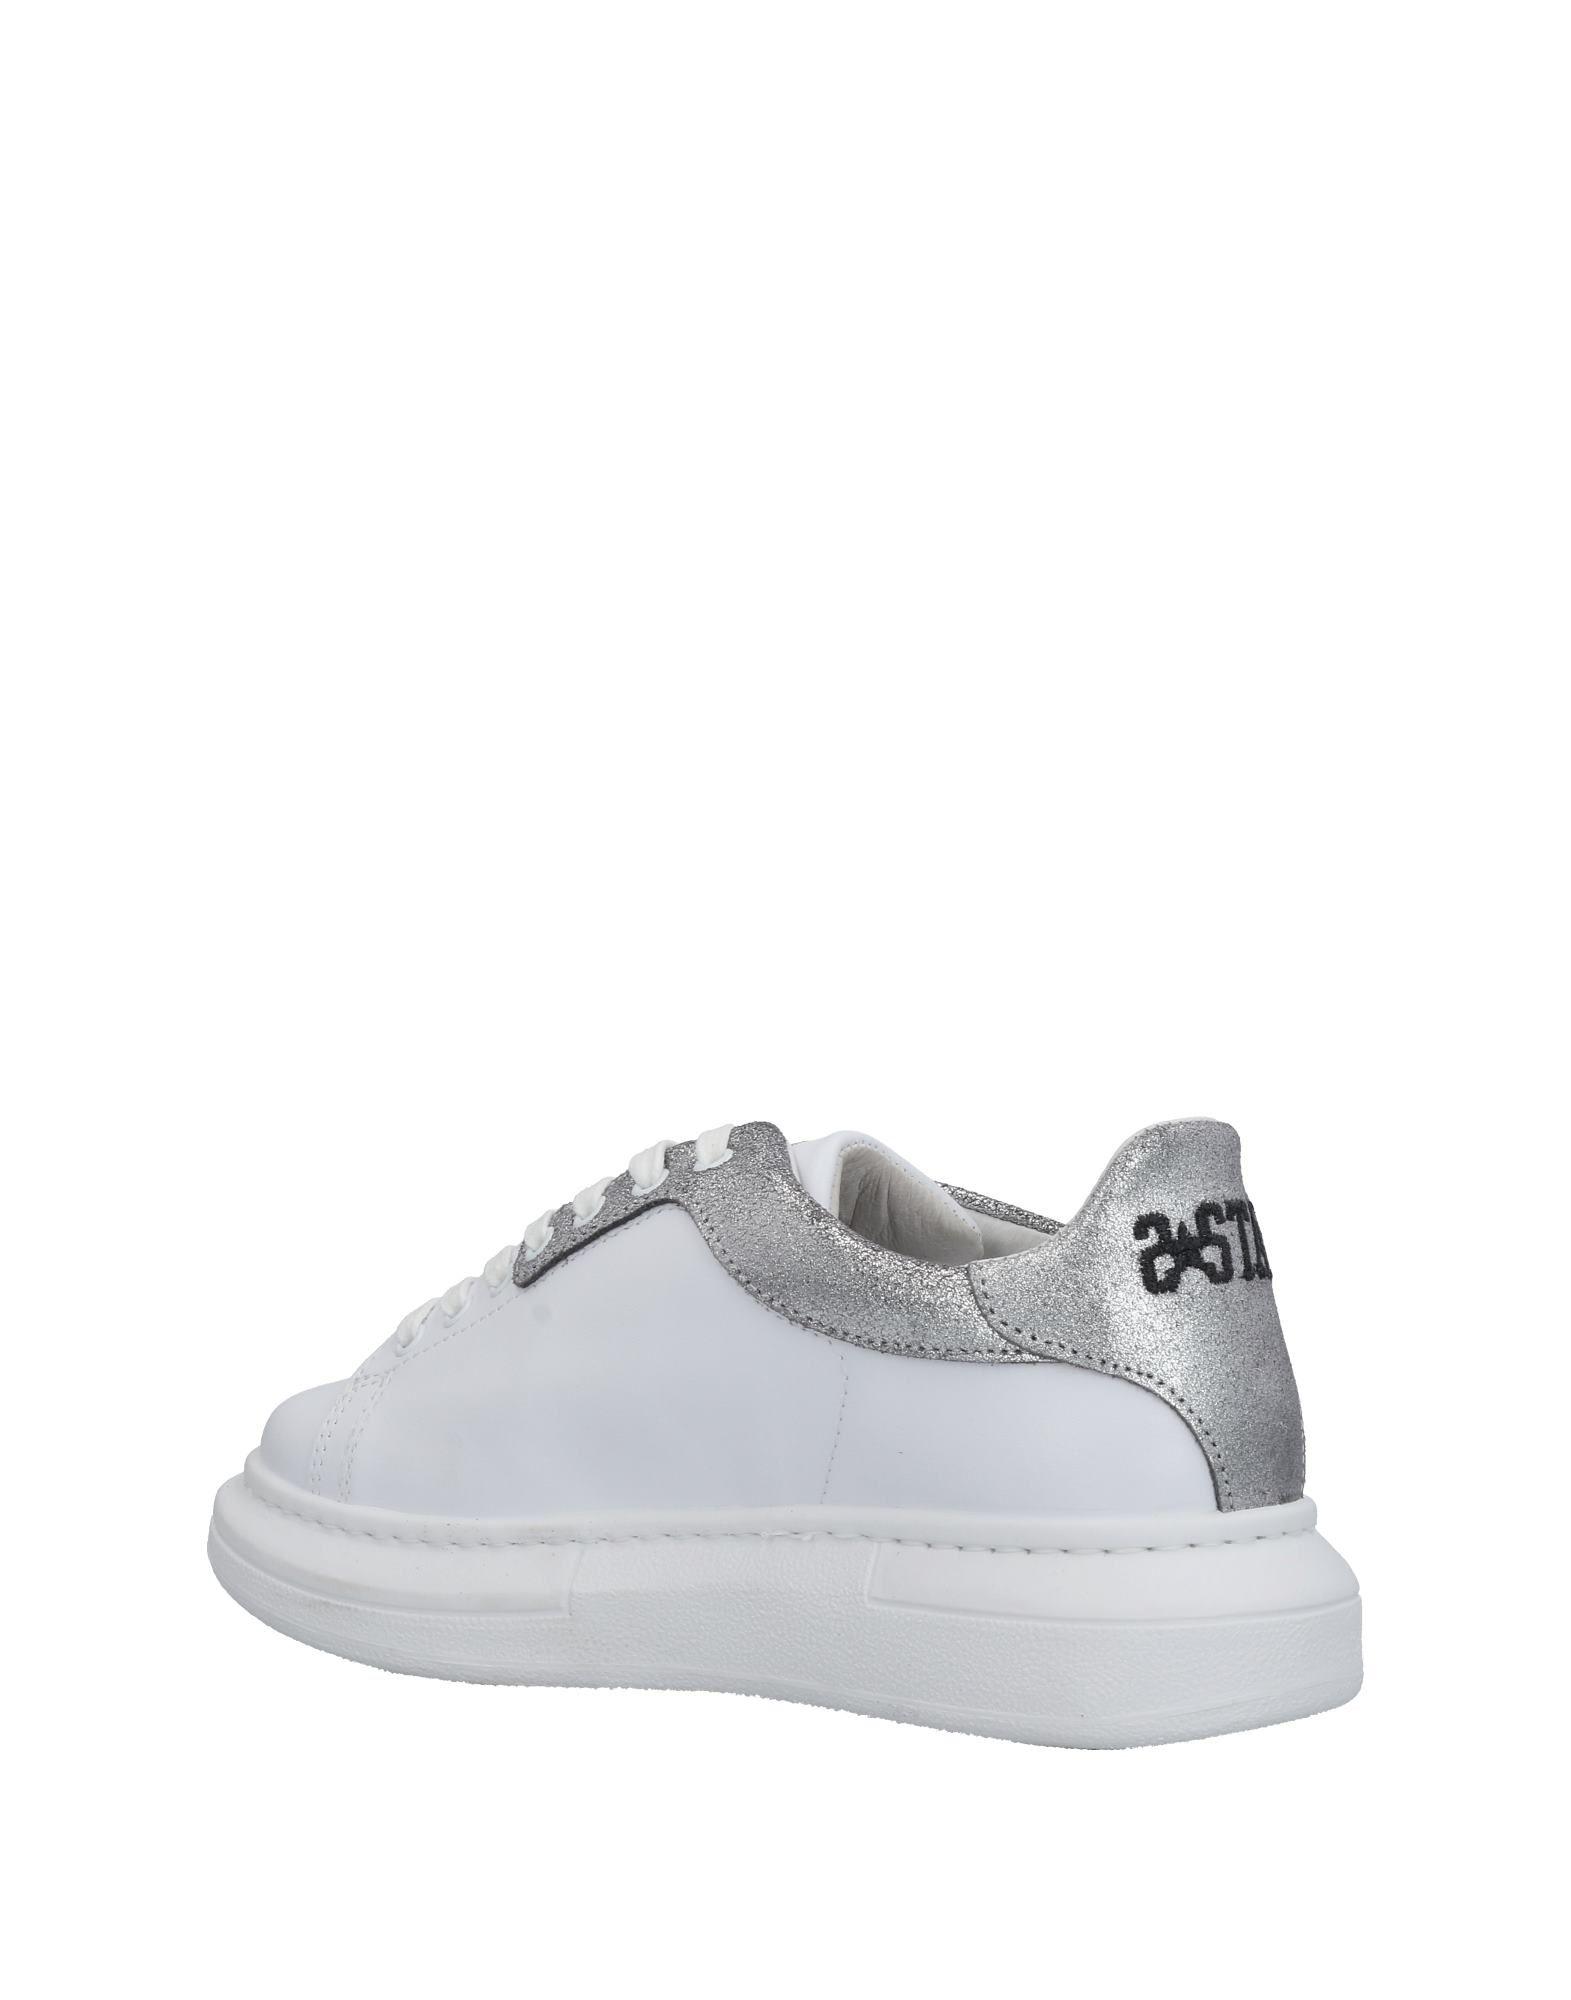 2Star Gute Sneakers Damen  11454916DJ Gute 2Star Qualität beliebte Schuhe f2e765